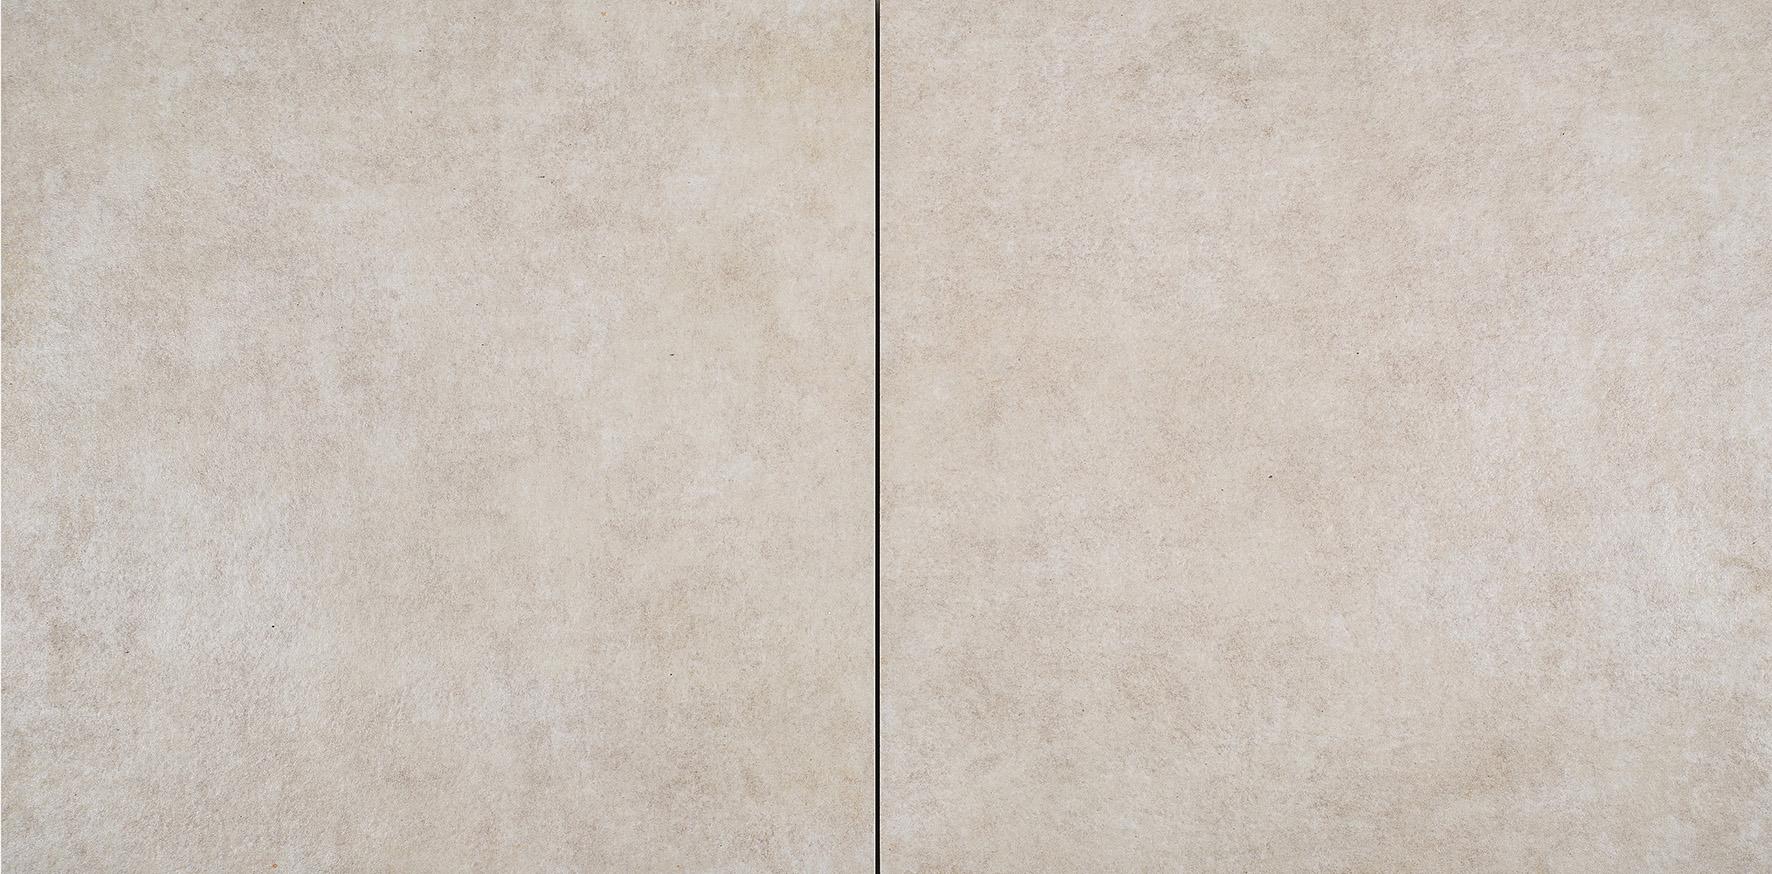 Gardenlux | Cera4line light 60x60x4 | Stone Beige